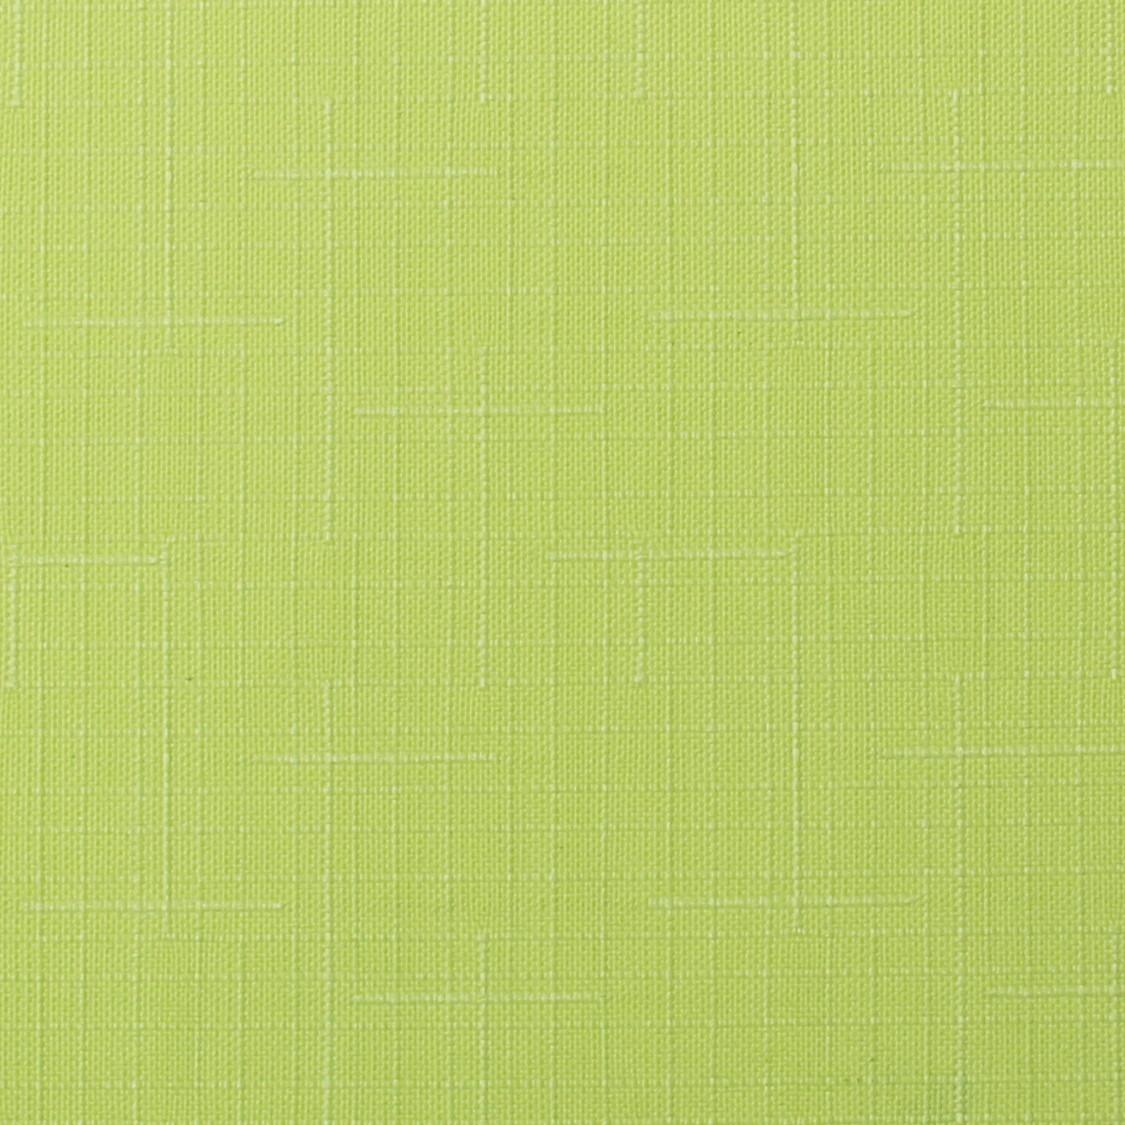 Рулонные шторы Ткань Лён 873 Салатовый